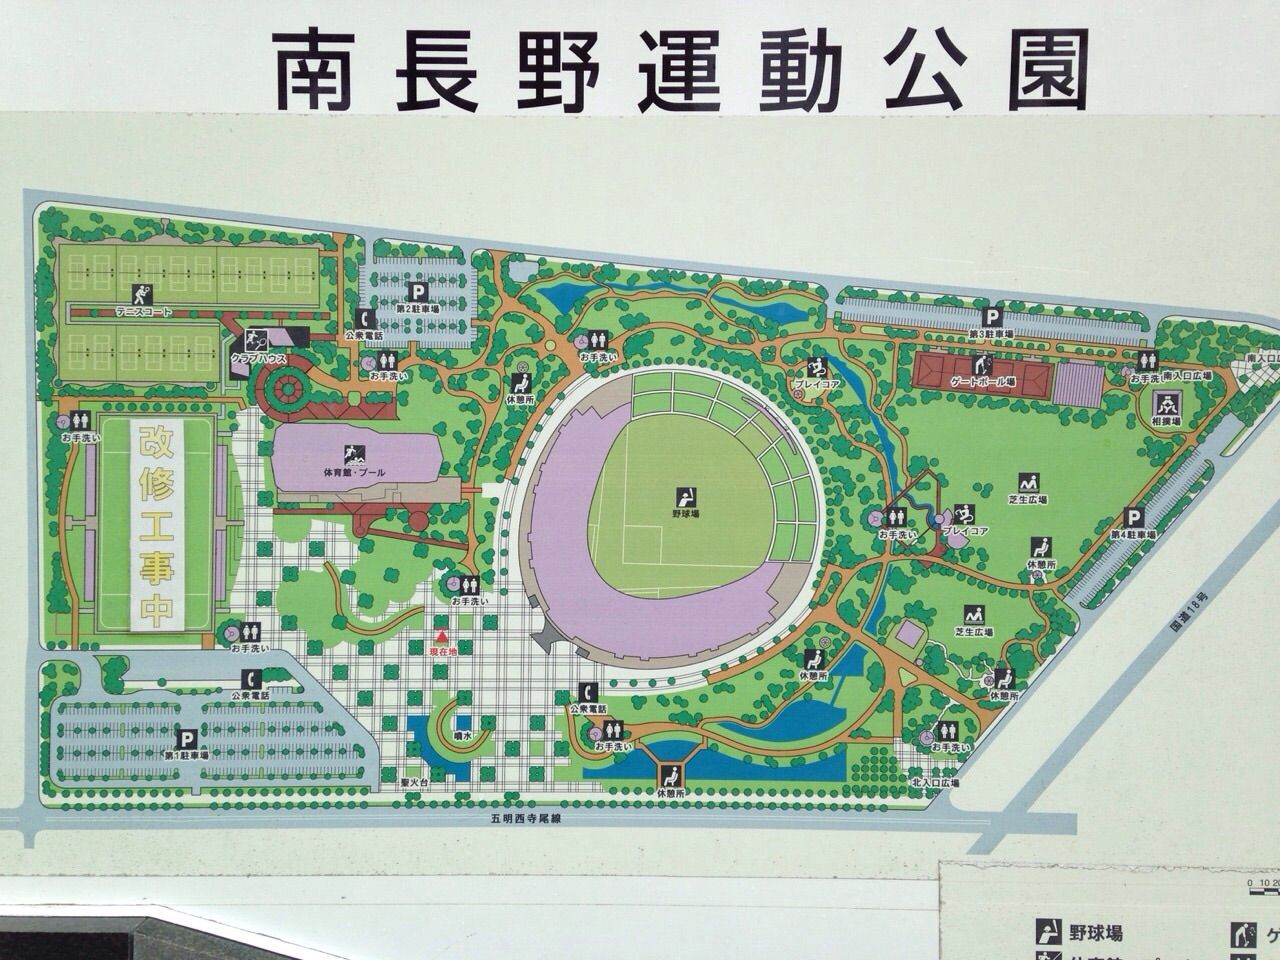 南長野運動公園案内図 完成まで残り4ヵ月となりました11月現在の南長野運動公園総合球技場の工事.